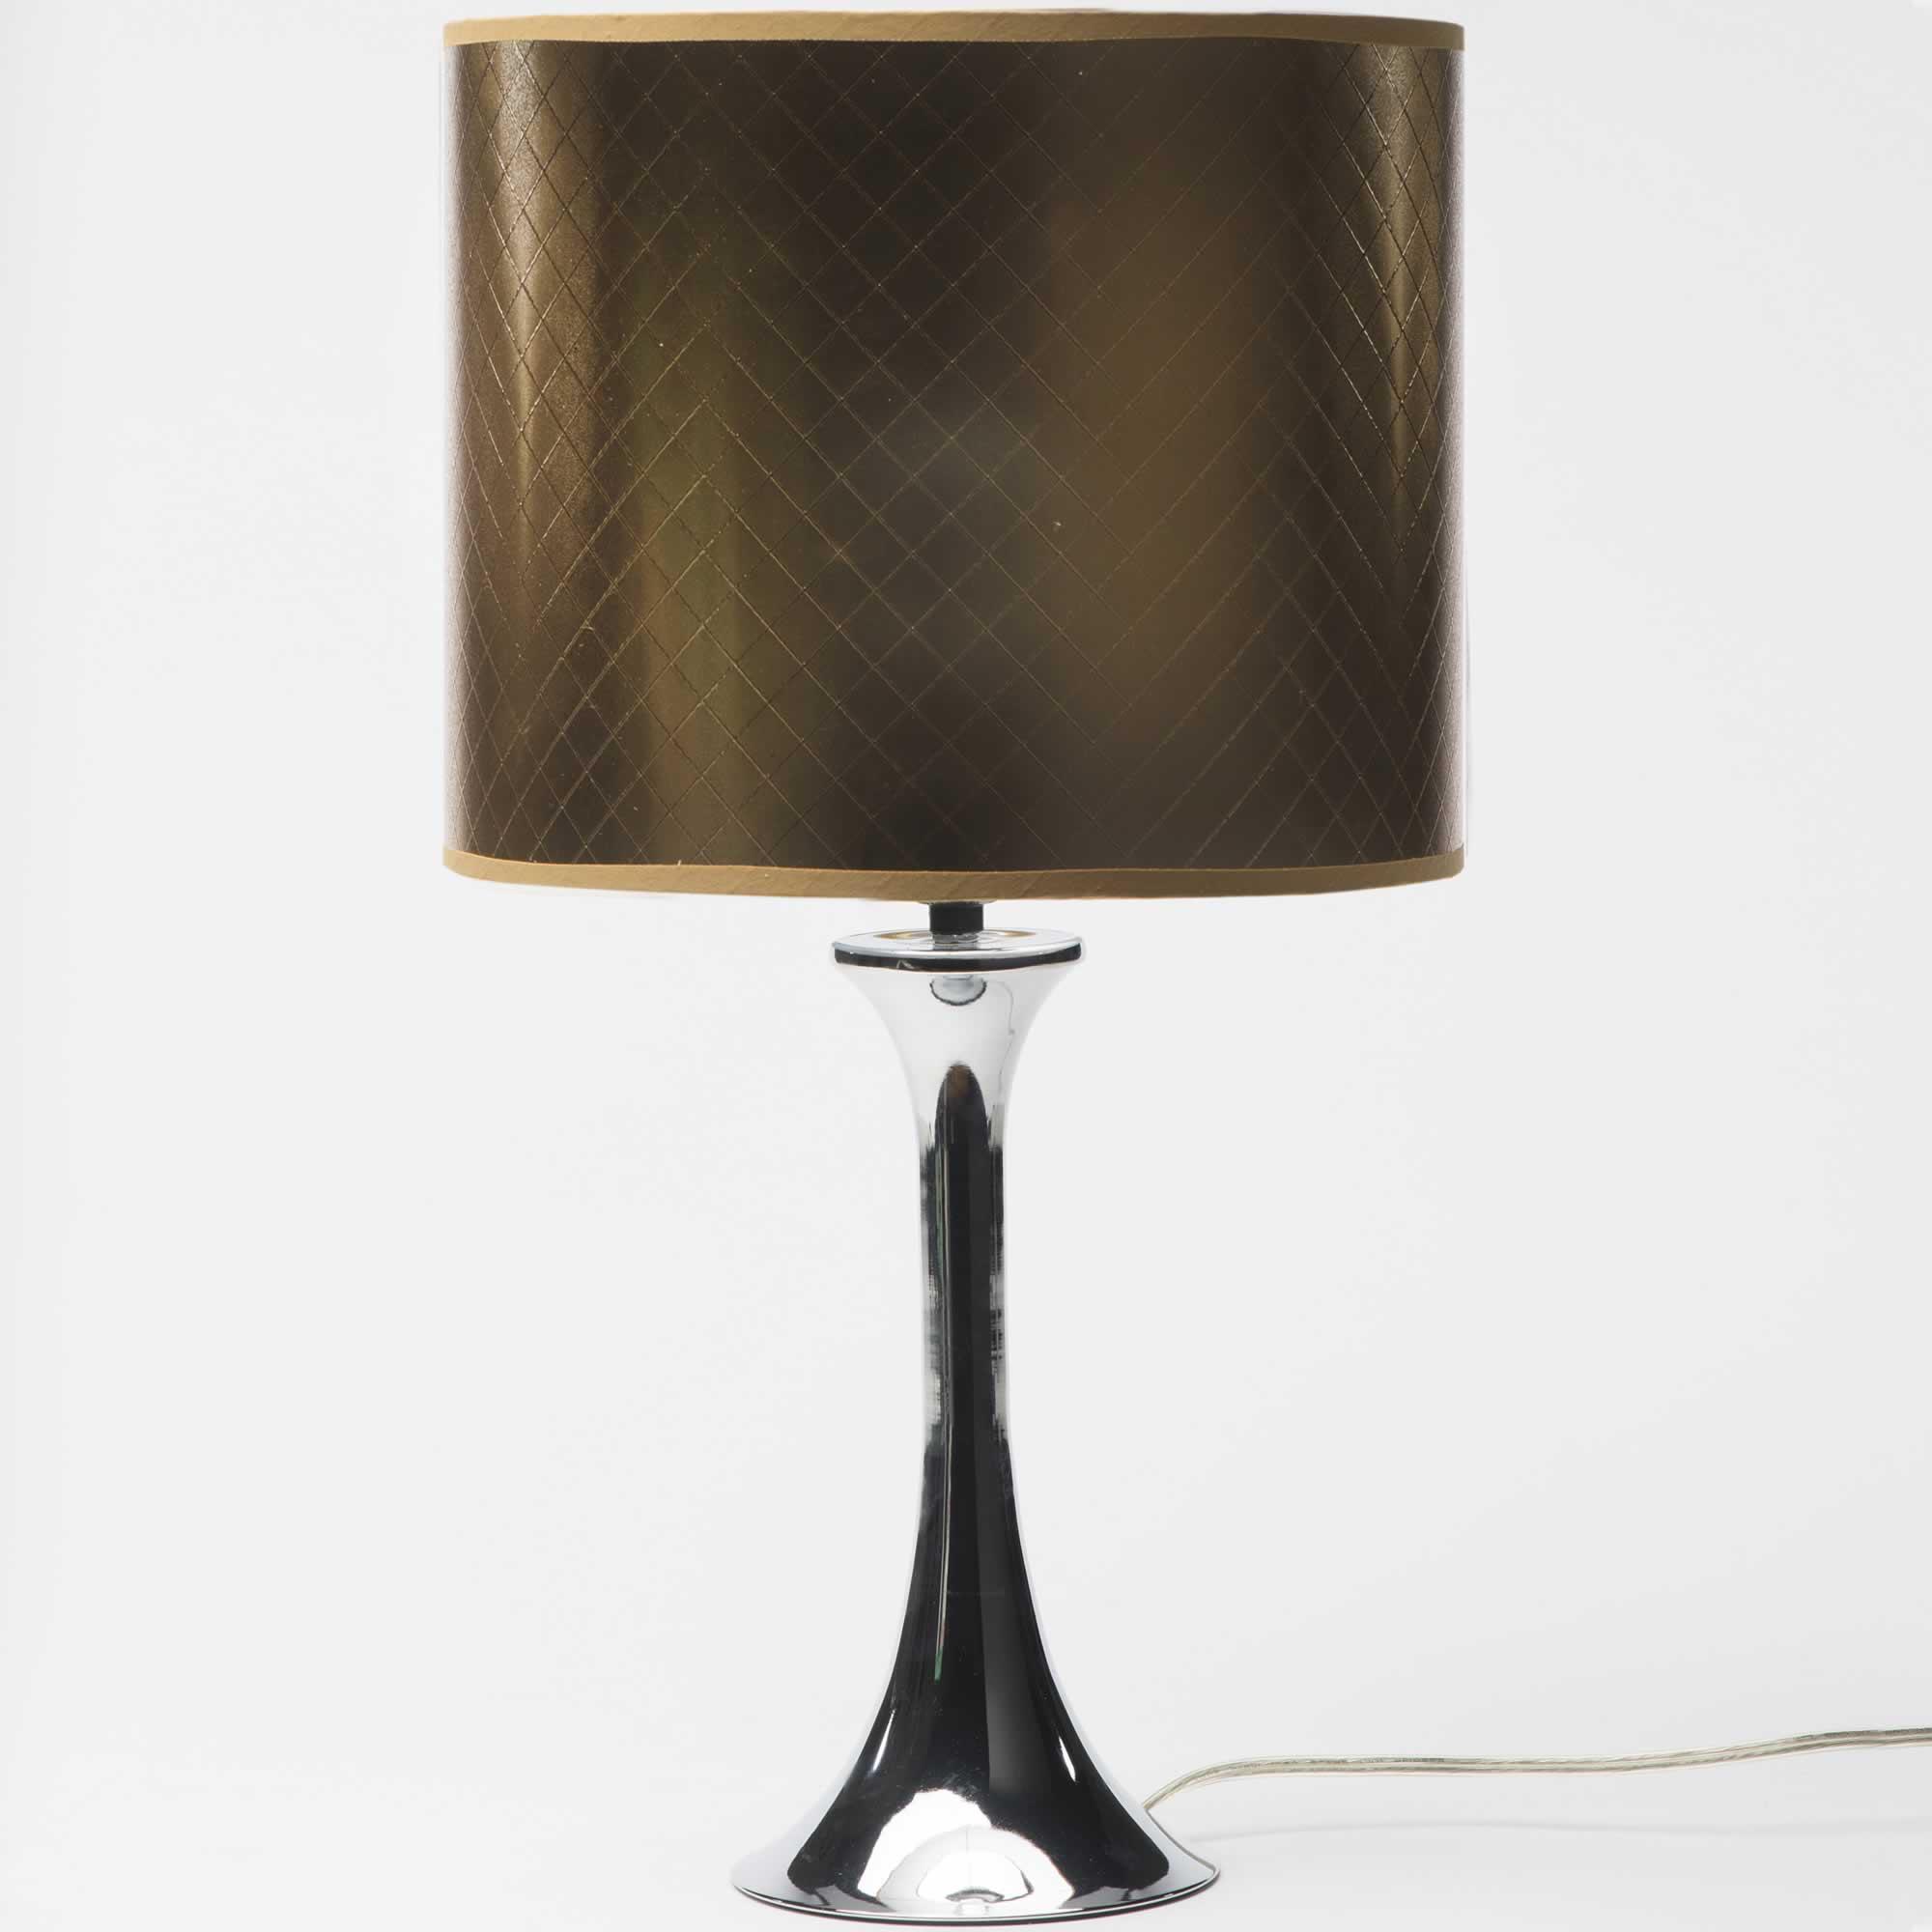 The Cornet Table Lamp - TL0003